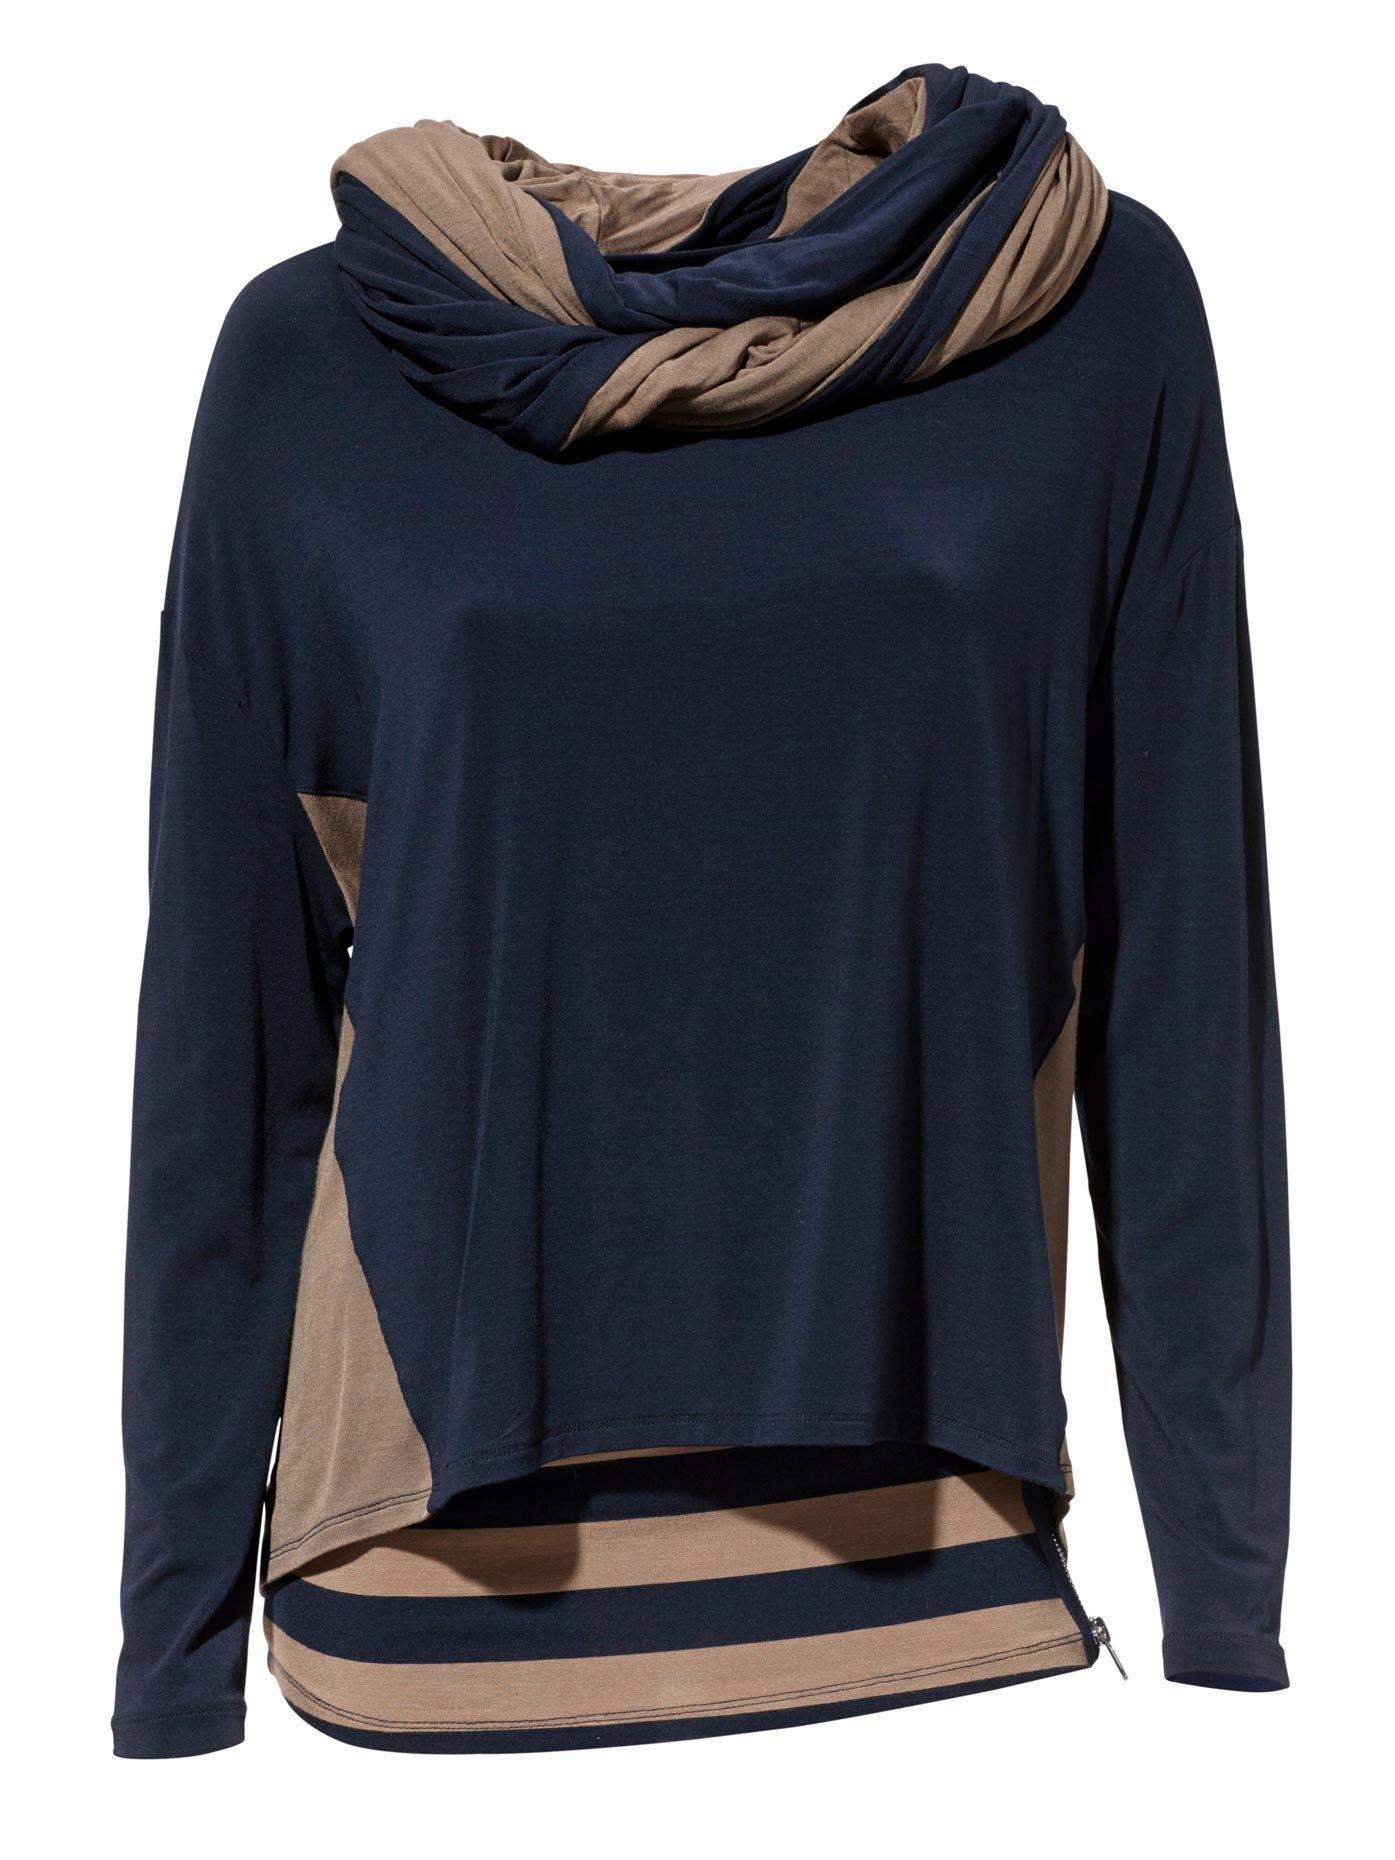 B.C. BEST CONNECTIONS by Heine shirt met ronde hals (3-delig) veilig op otto.nl kopen